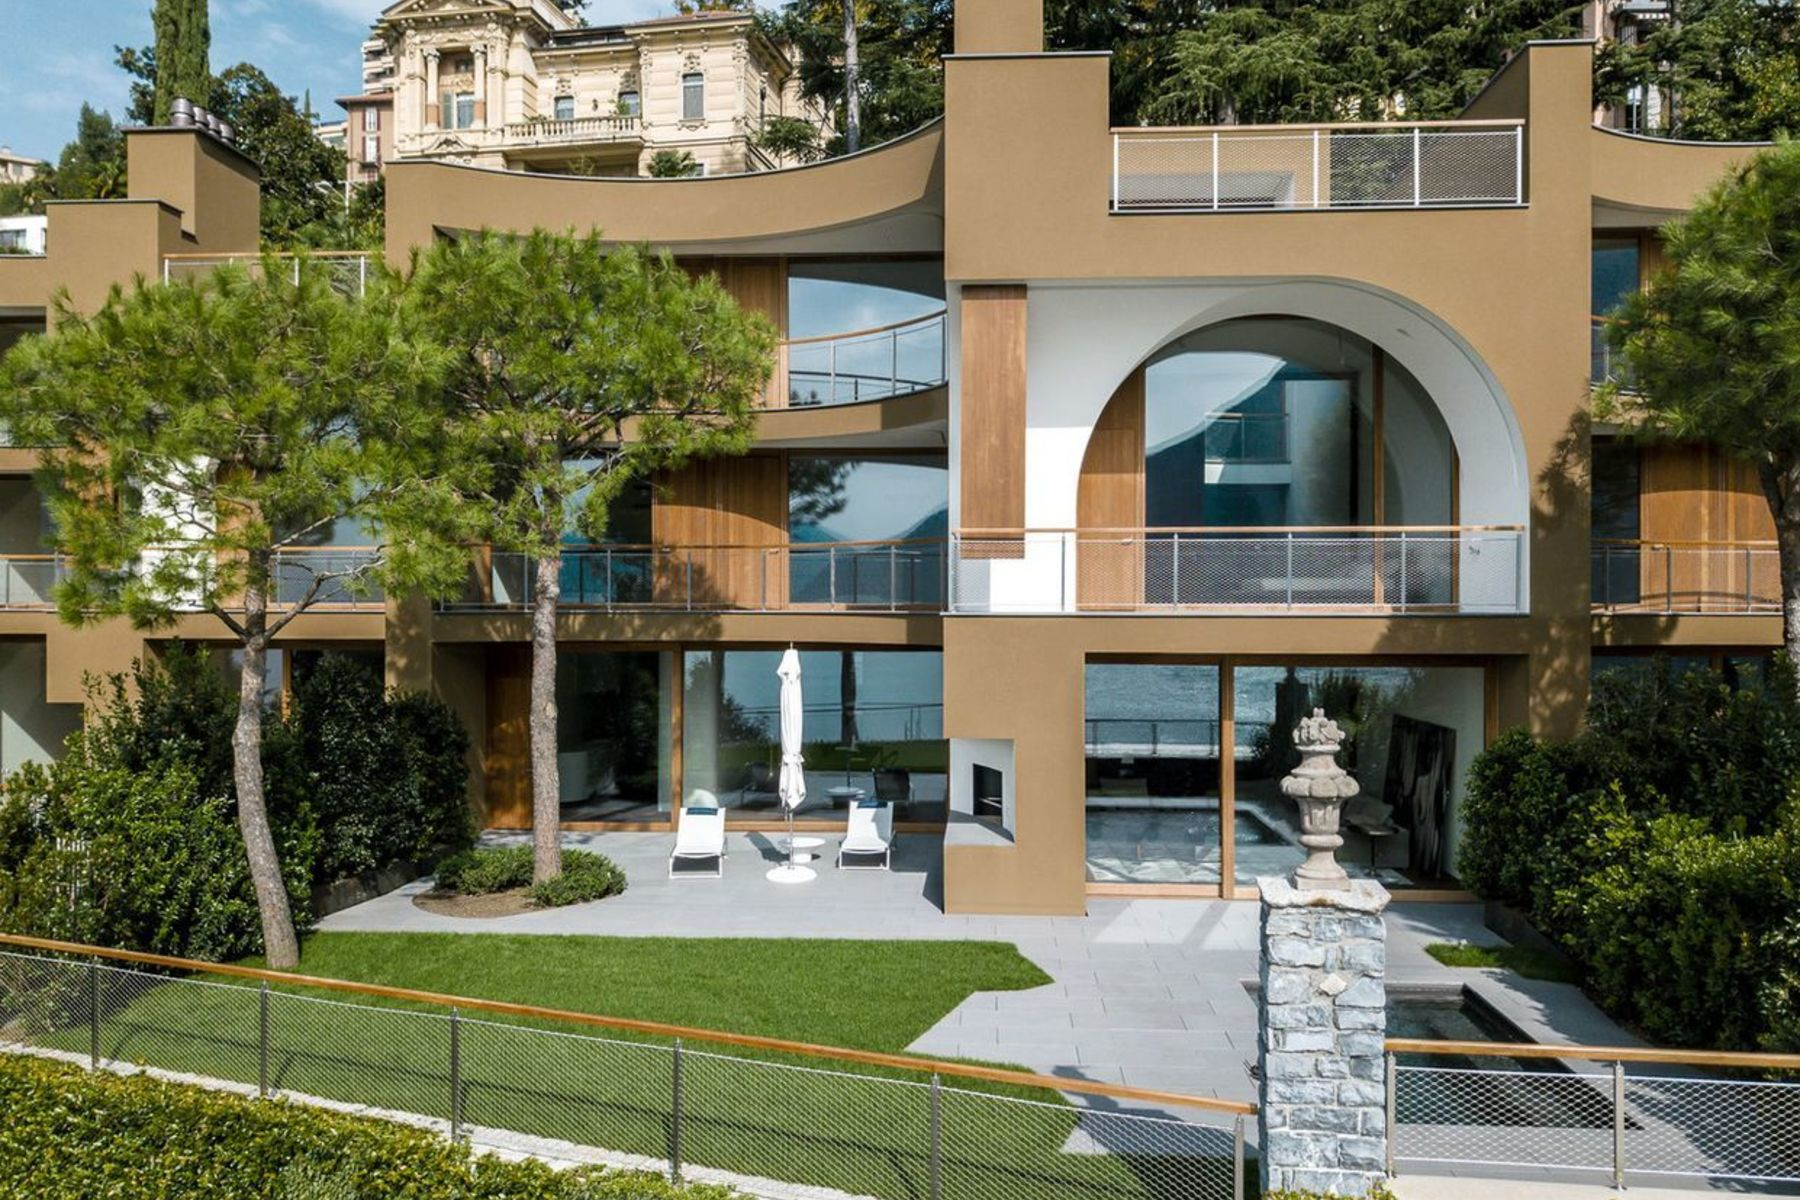 Single Family Homes for Sale at Archi di luce - by Herzog & de Meuron: villa 4 Lugano, Ticino 6900 Switzerland